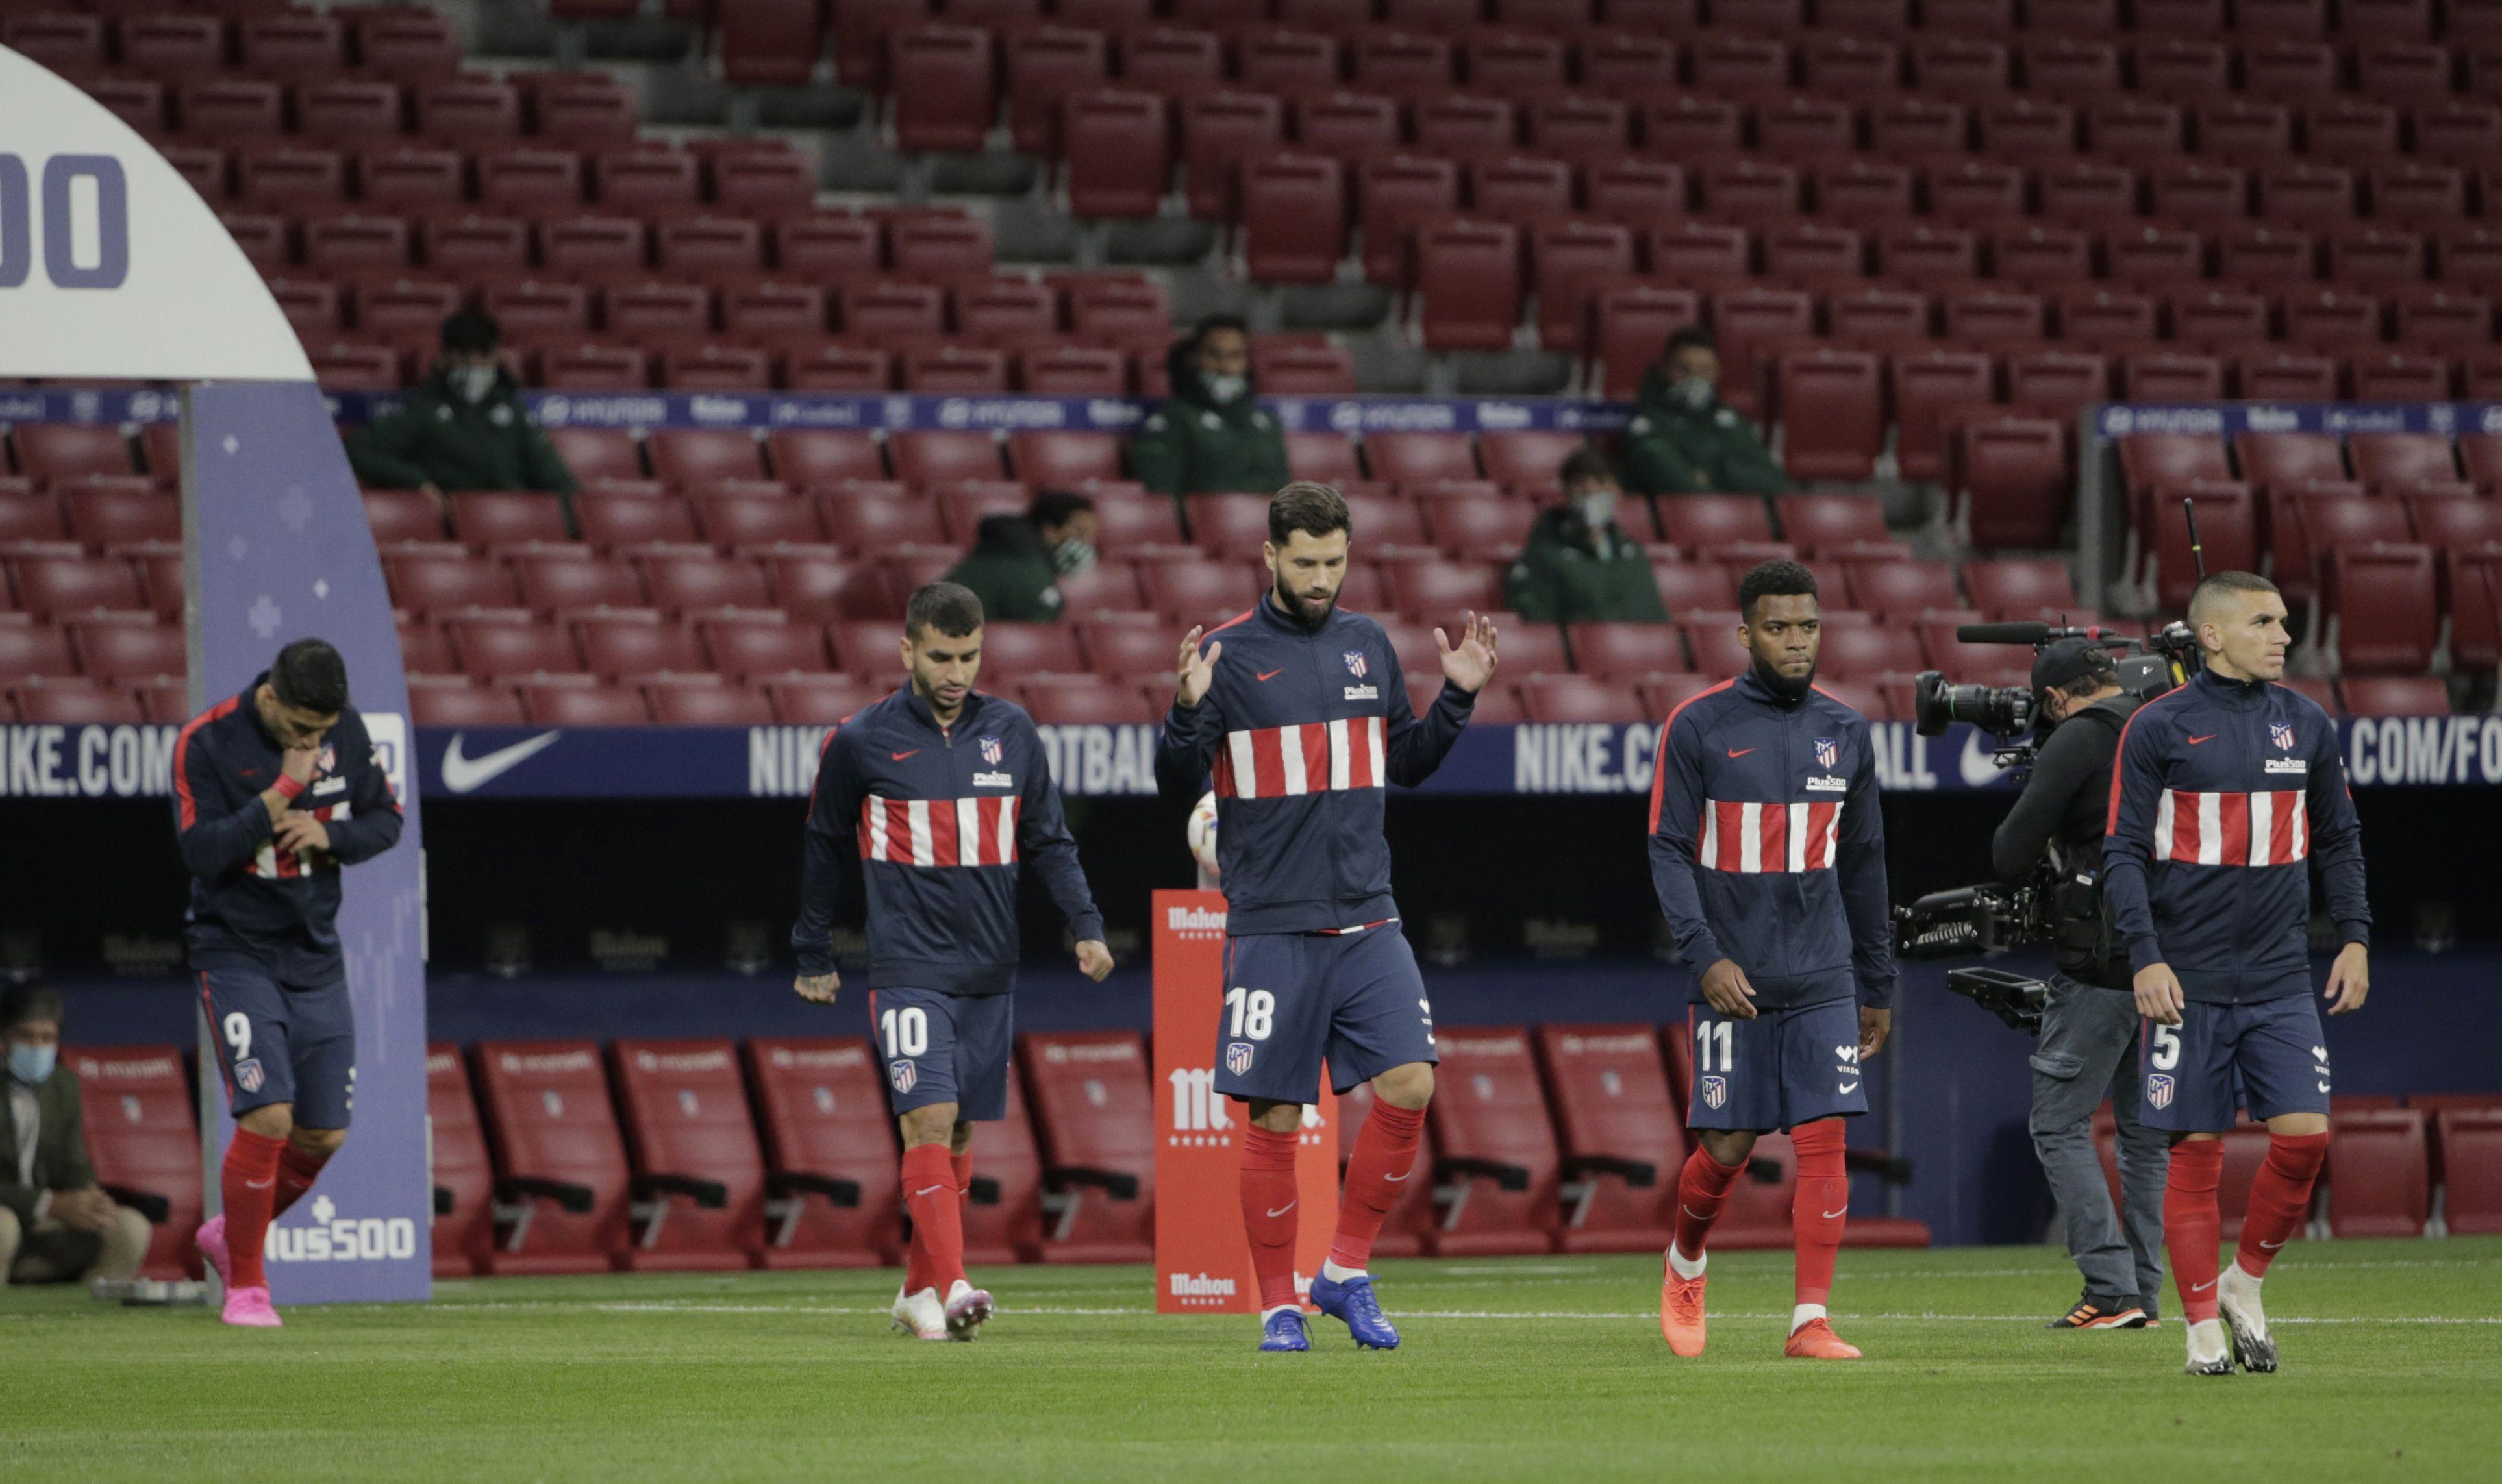 El Atletico de Madrid es líder de La Liga junto con el Real Madrid (Reuters)